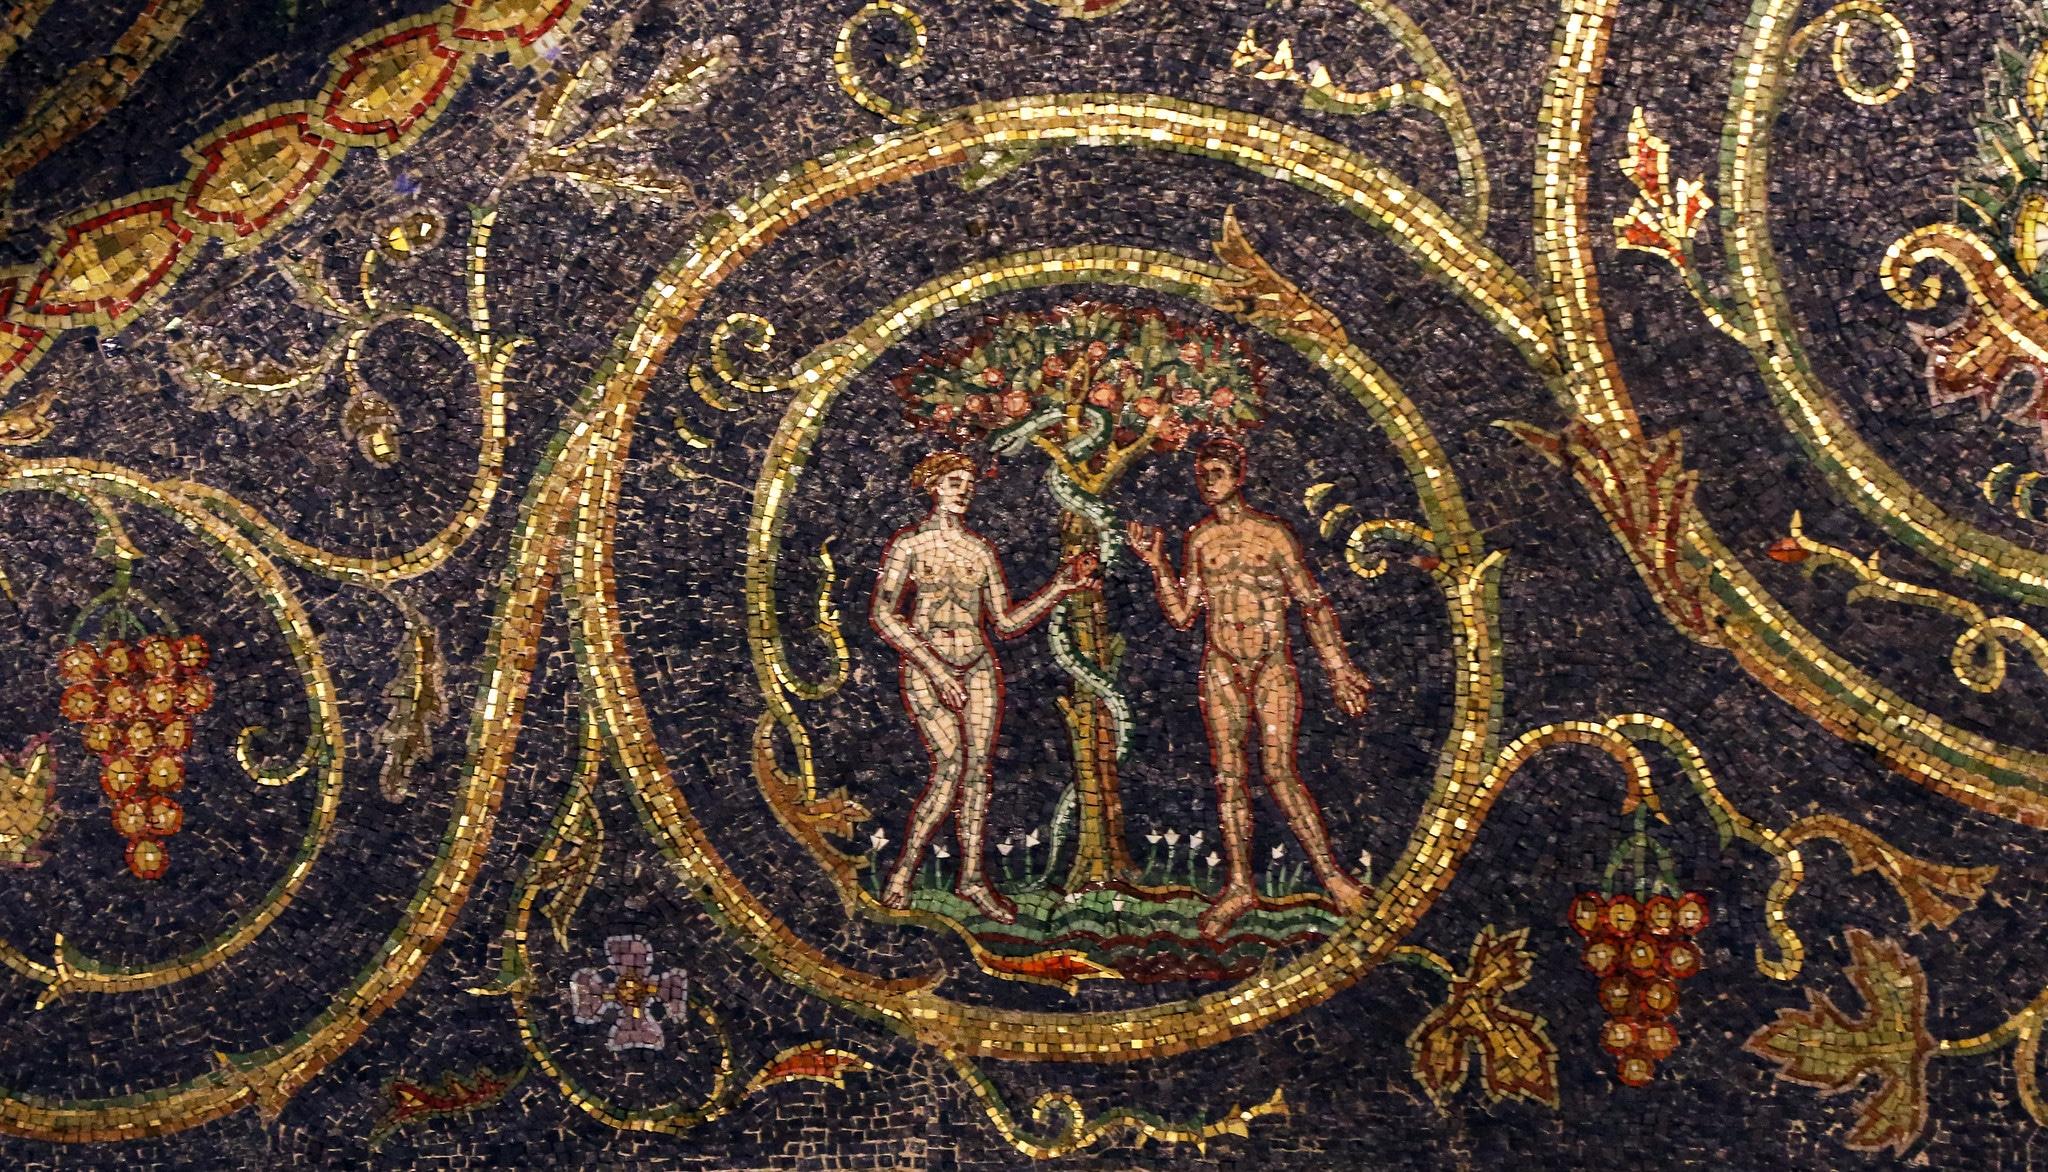 亚当夏娃吃禁果_六个理由:亚当和夏娃吃禁果是对上帝的严重悖逆   改革宗初学者